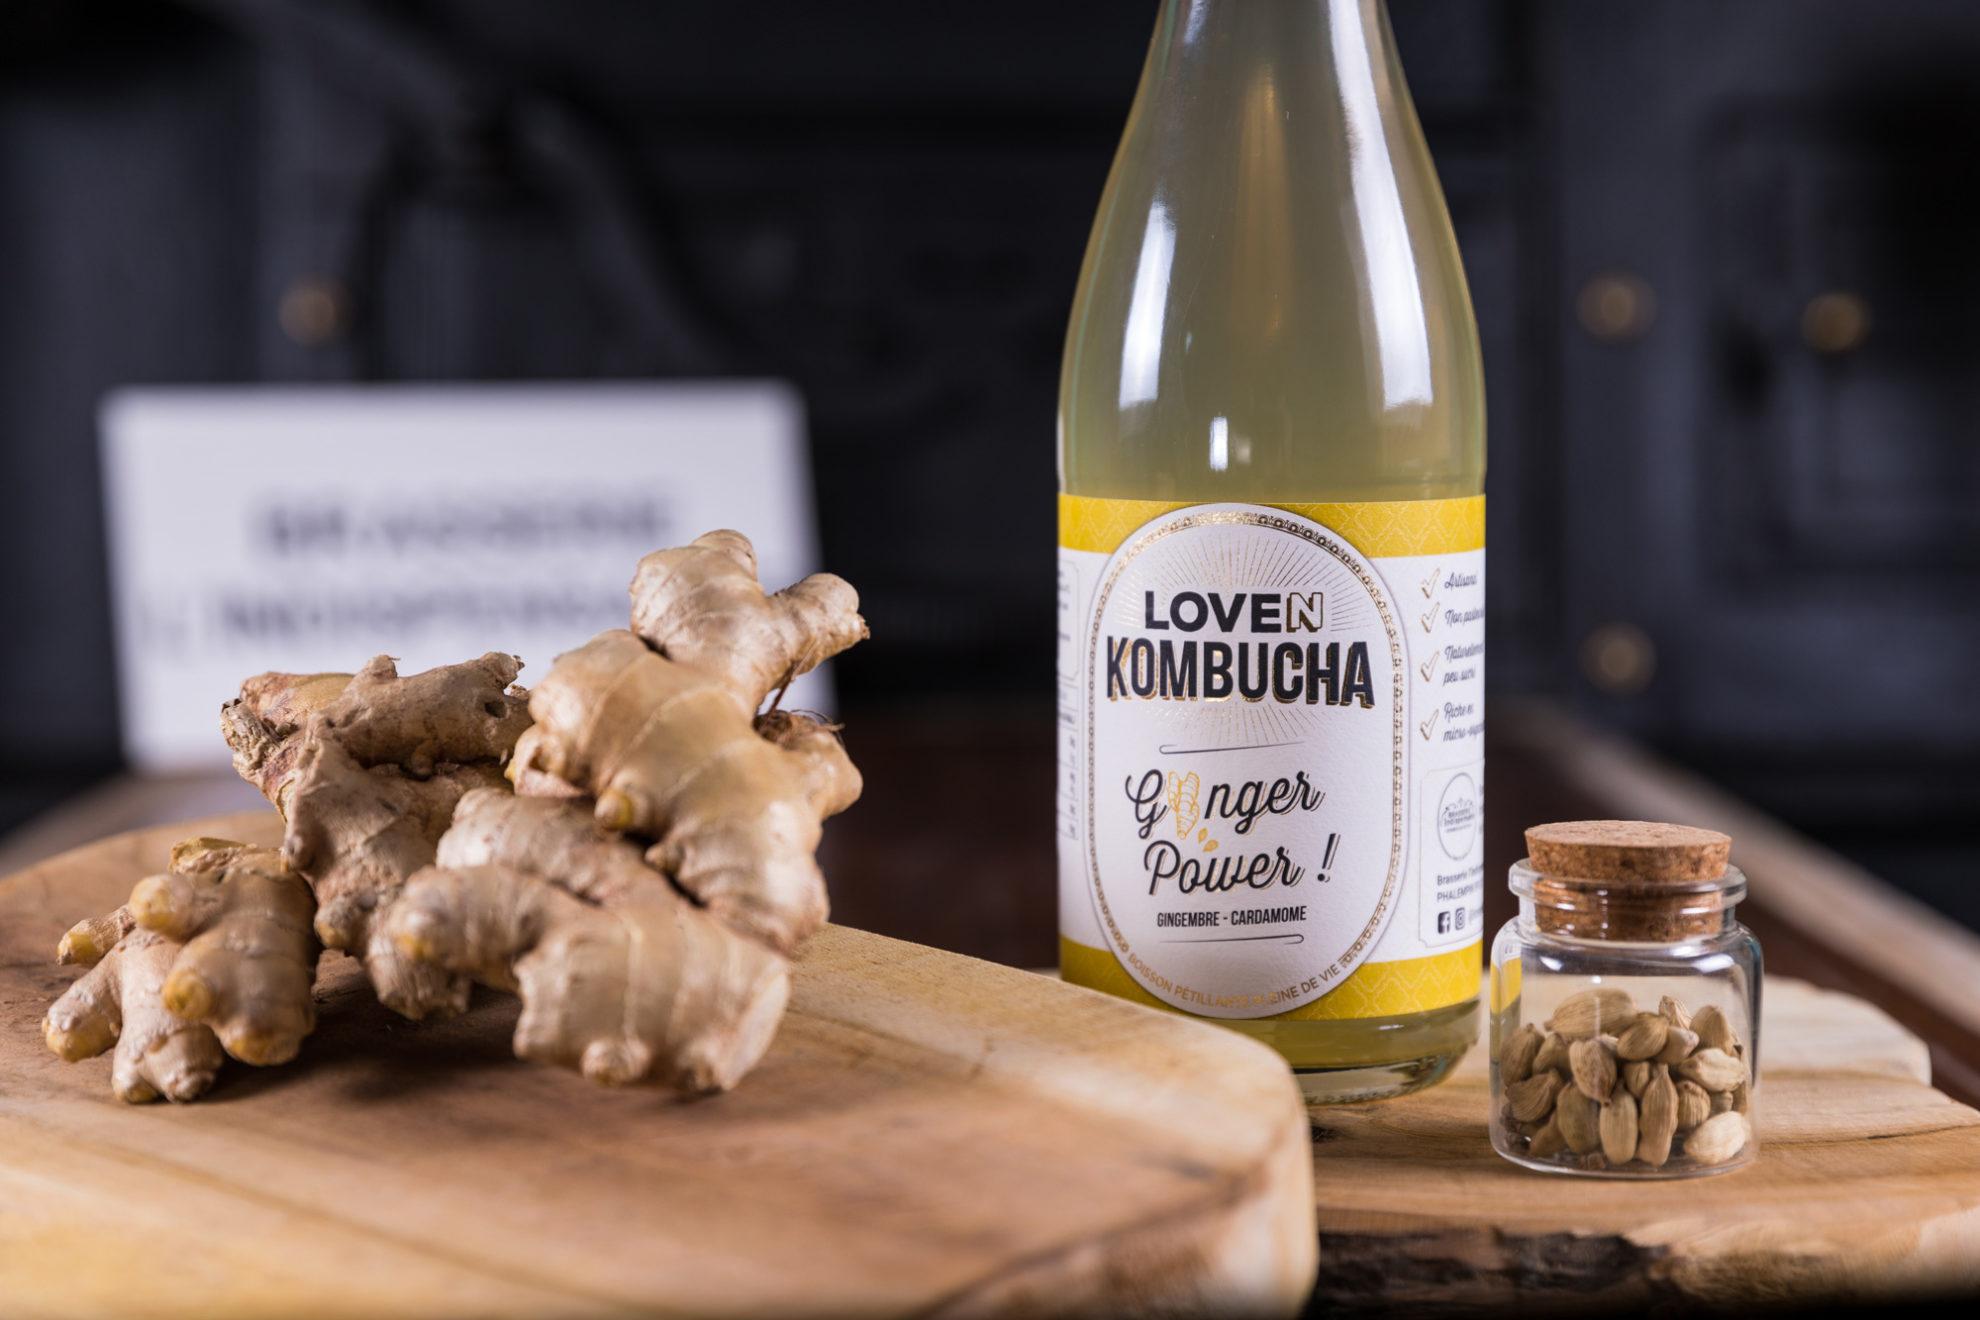 Découvrez Loven Kombucha, la boisson pétillante pleine de vie